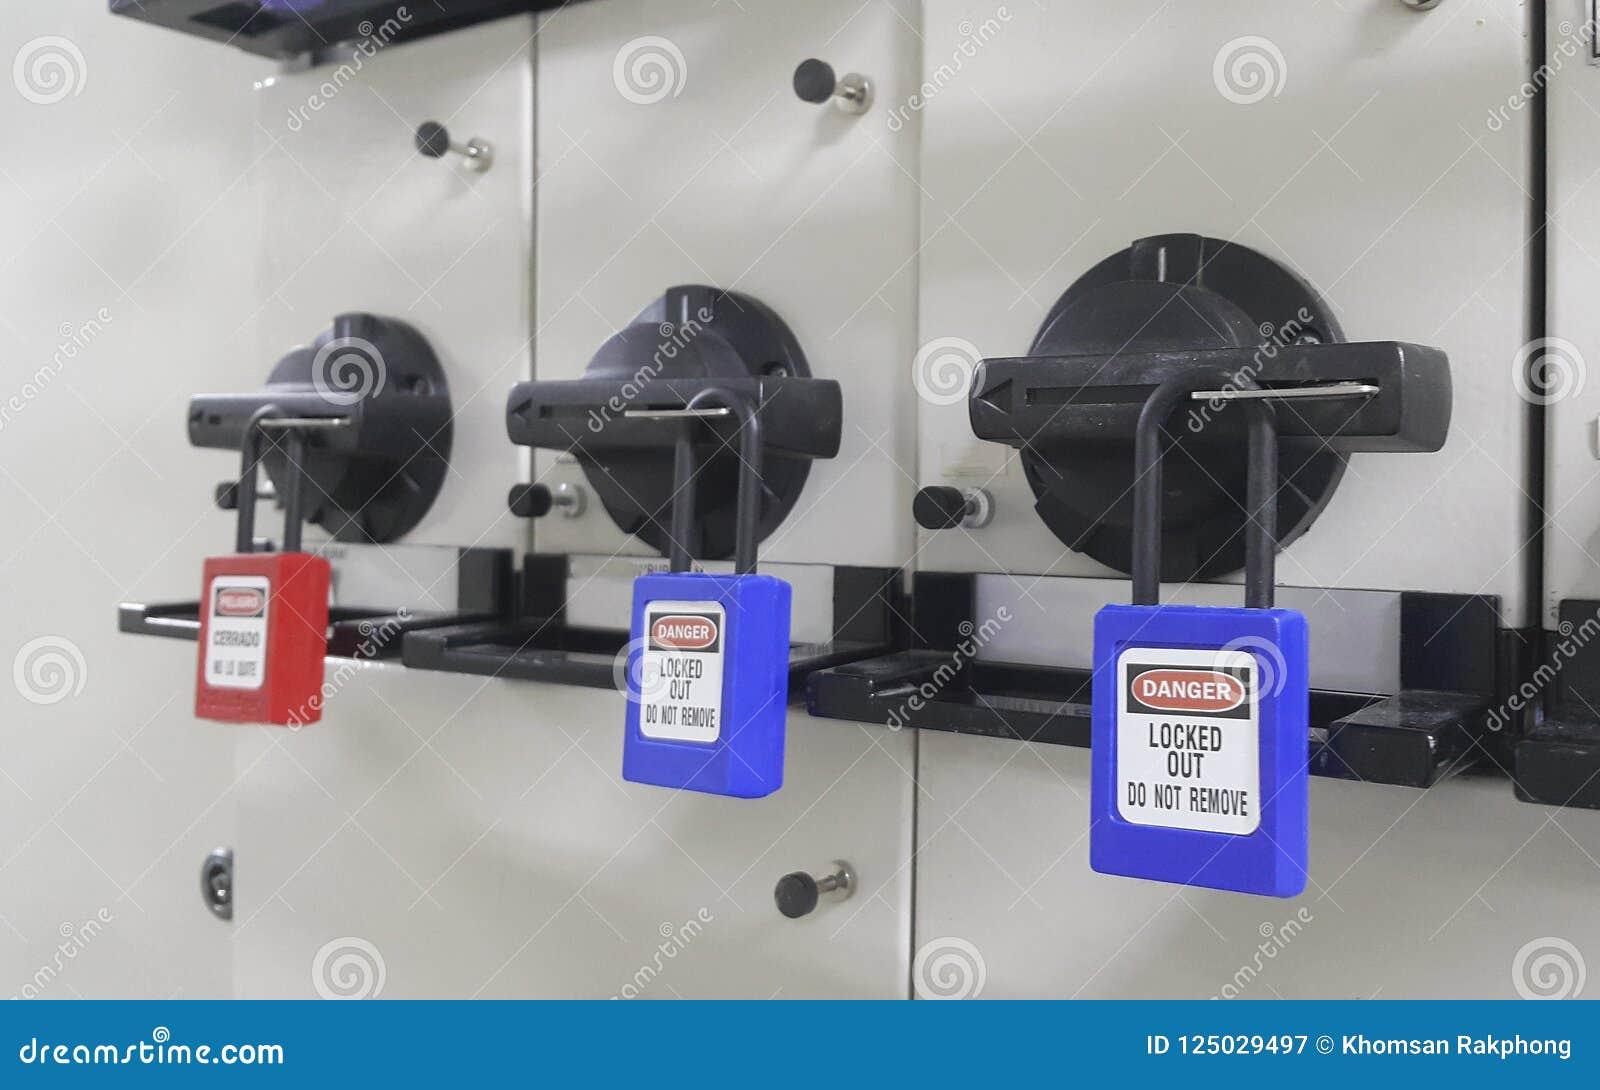 Κλειδαριά έξω & ετικέττα έξω, σταθμός ανταπεργίας, μηχανή - συγκεκριμένες συσκευές ανταπεργίας